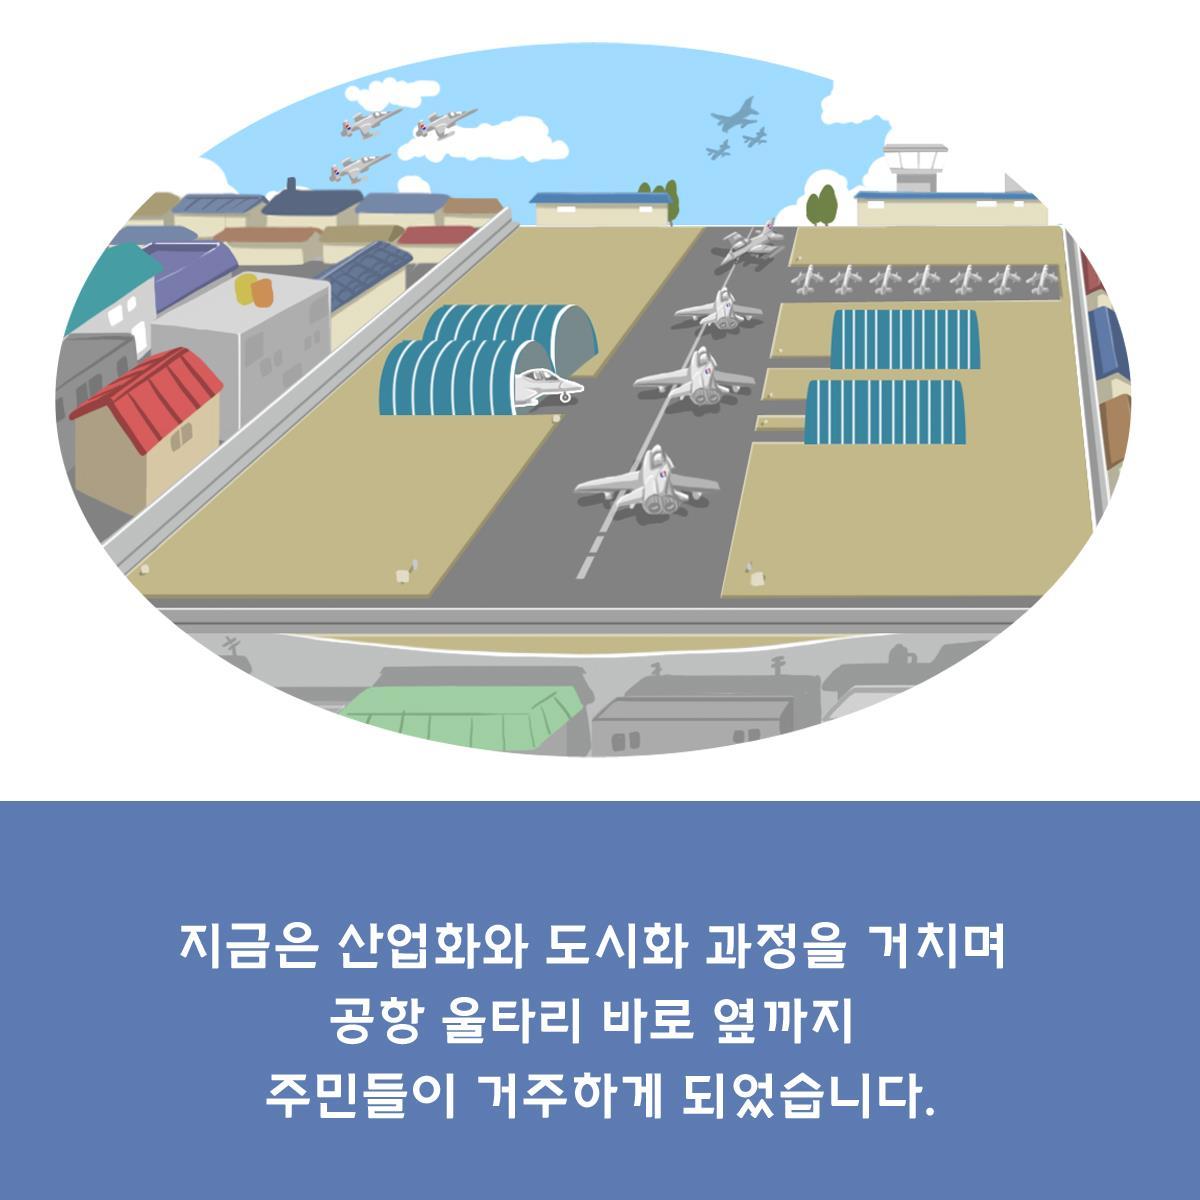 군 공항 이전 사업3